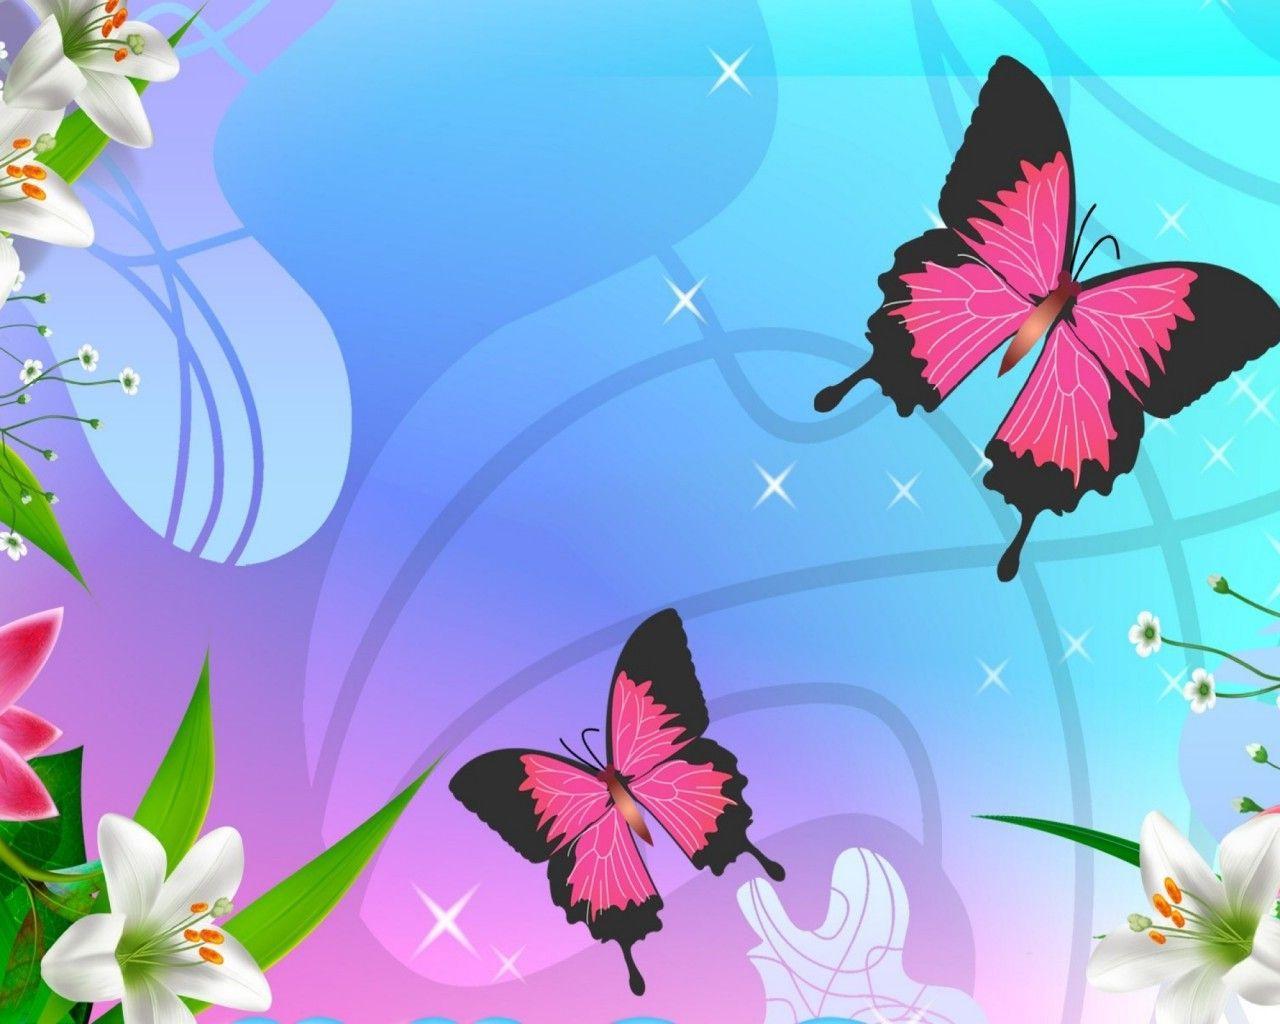 1280x1024 Tô điểm Bướm hồng Bướm bướm Firefox Persona Hoa Phấn màu Mùa hè Màn hình rộng 1440x2560